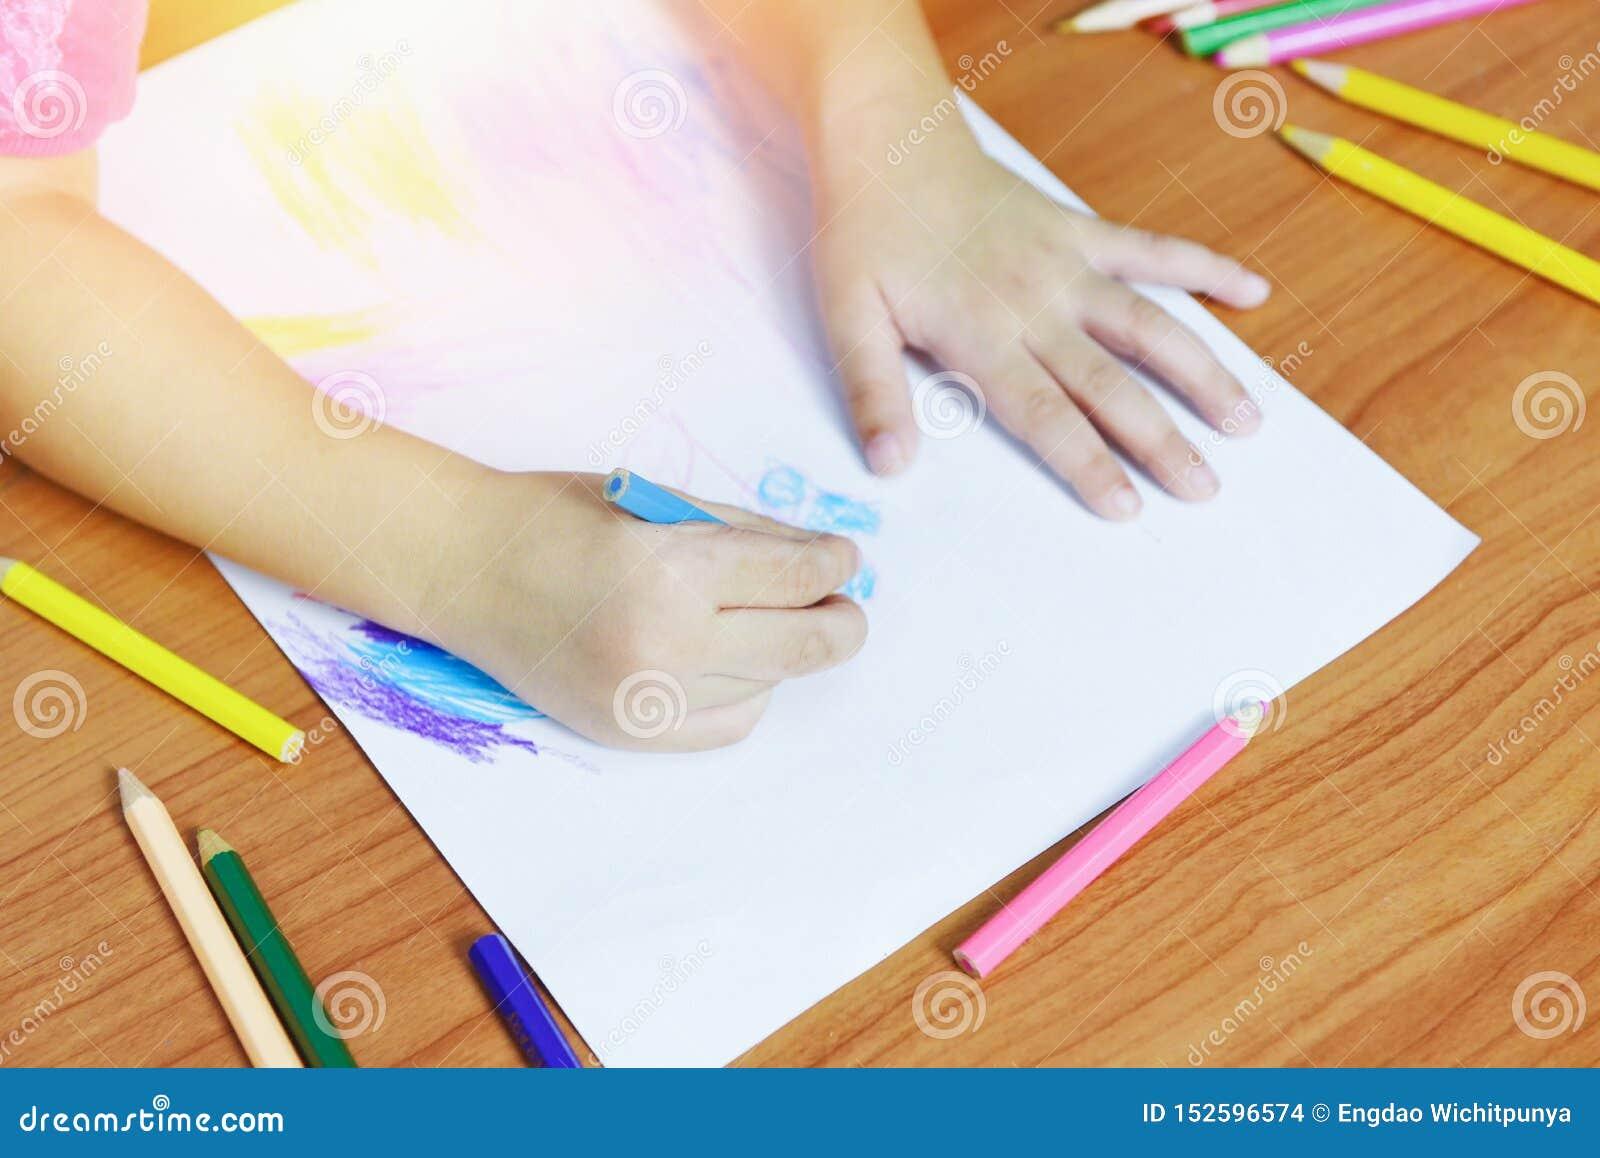 Pintura da menina na folha de papel com os lápis da cor na criança de madeira da criança da tabela em casa - que faz a imagem de